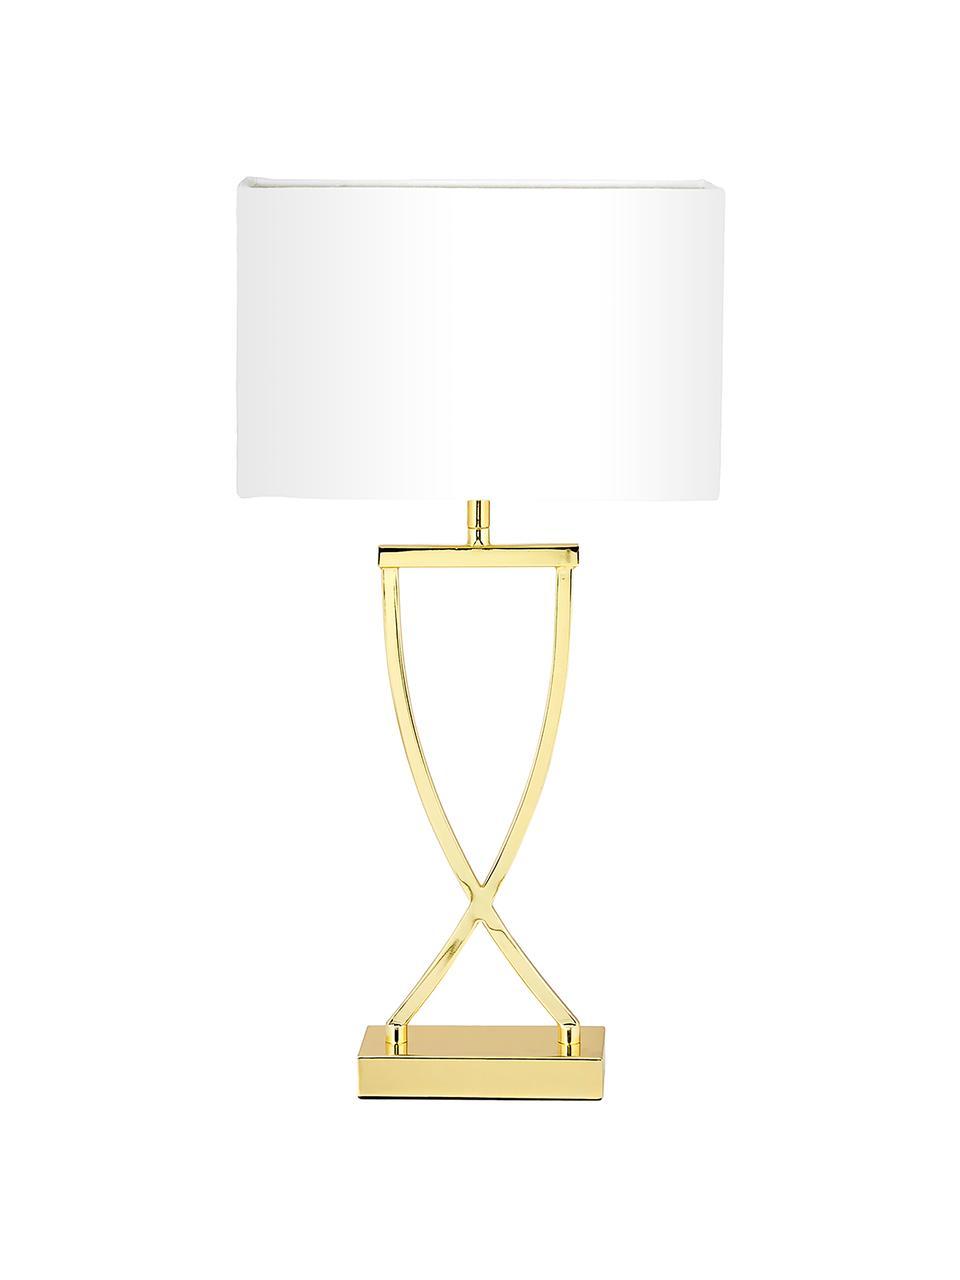 Große Klassische Tischlampe Vanessa in Gold, Lampenfuß: Metall, Lampenschirm: Textil, Goldfarben, 27 x 52 cm